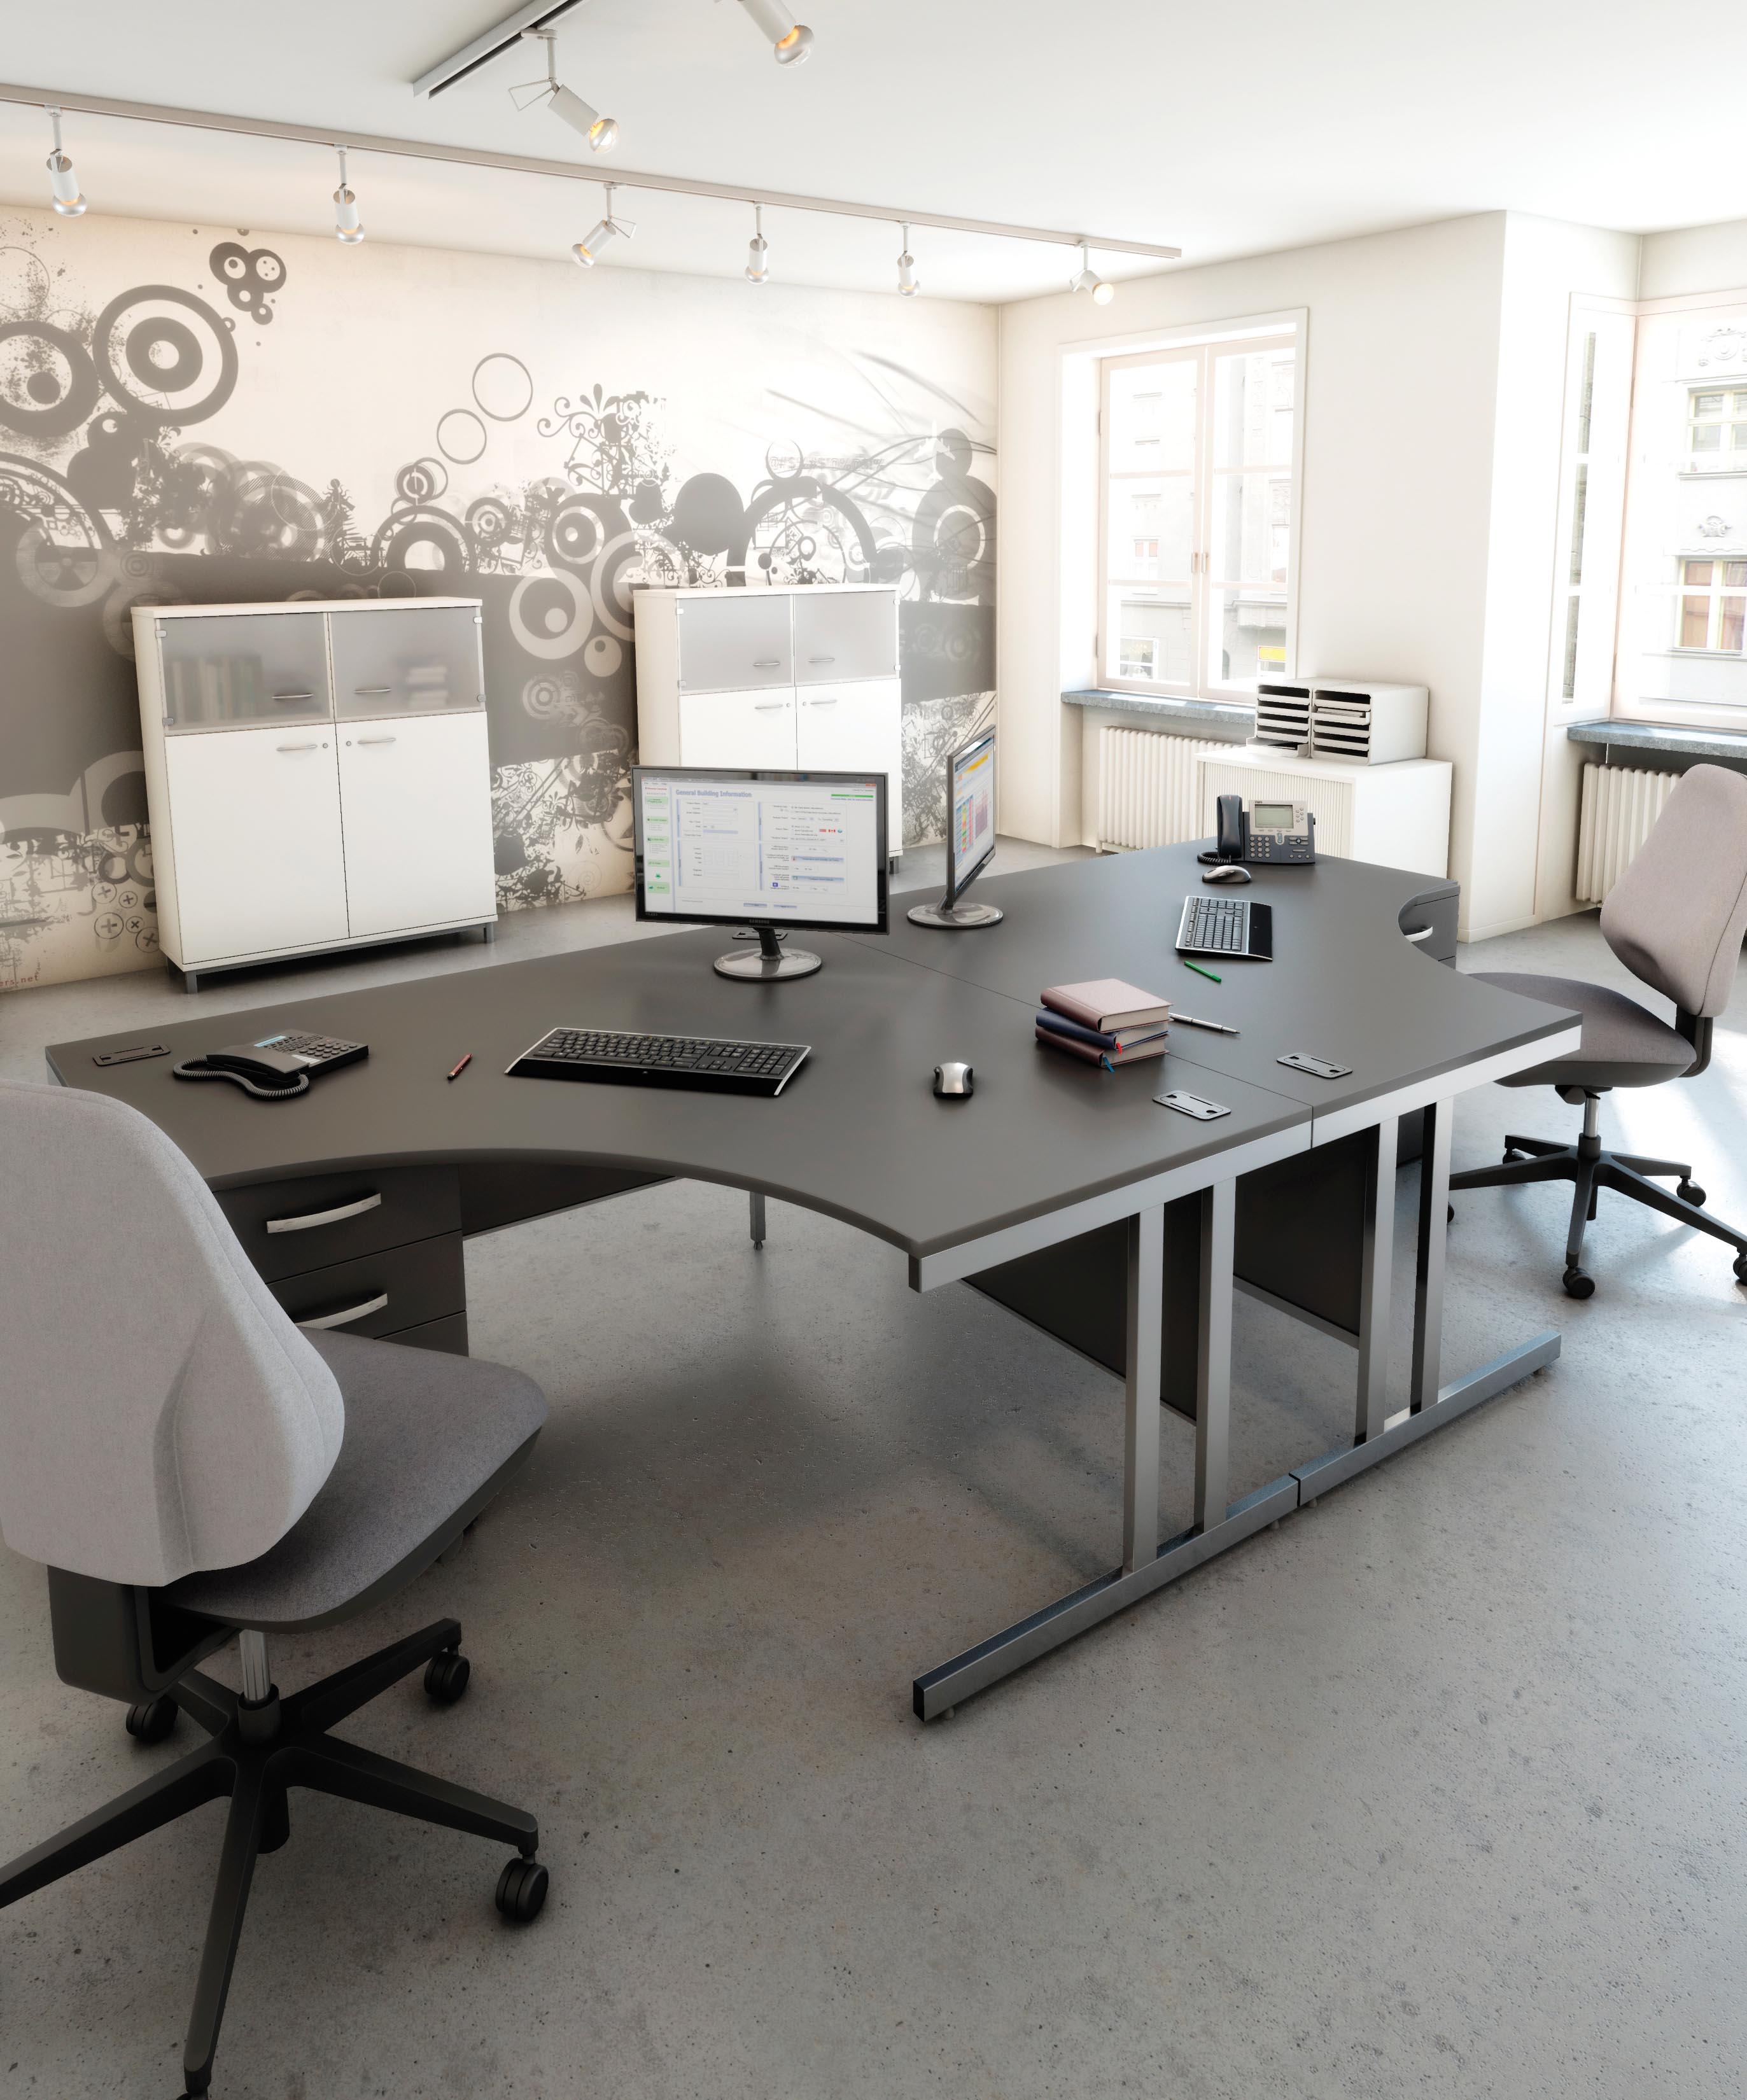 Design 2000 desking richardsons office furniture and for Design 2000